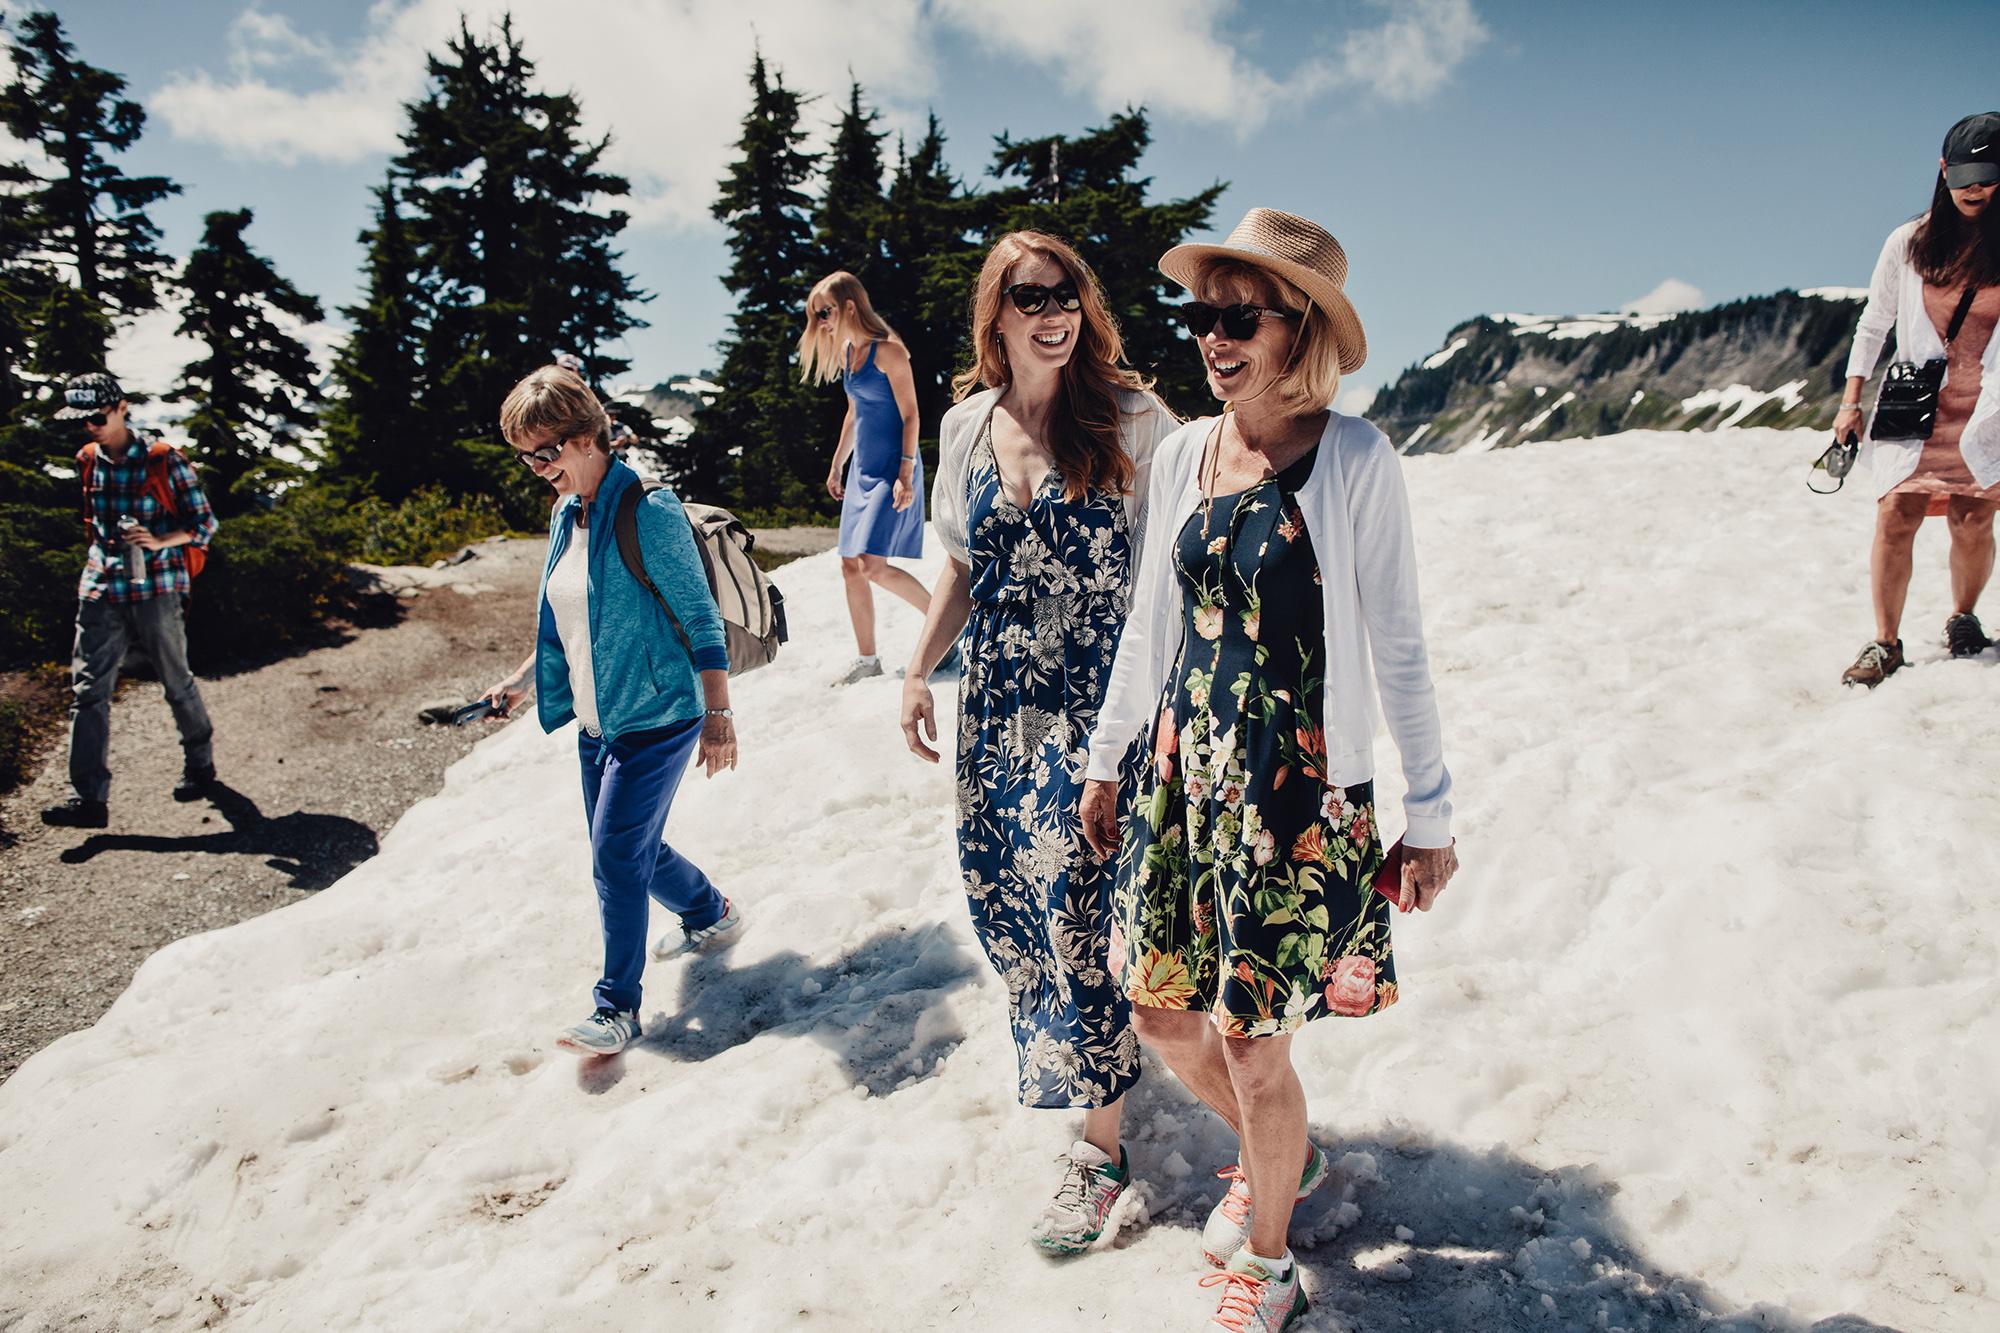 mountain-top-wedding-photos-0005.JPG